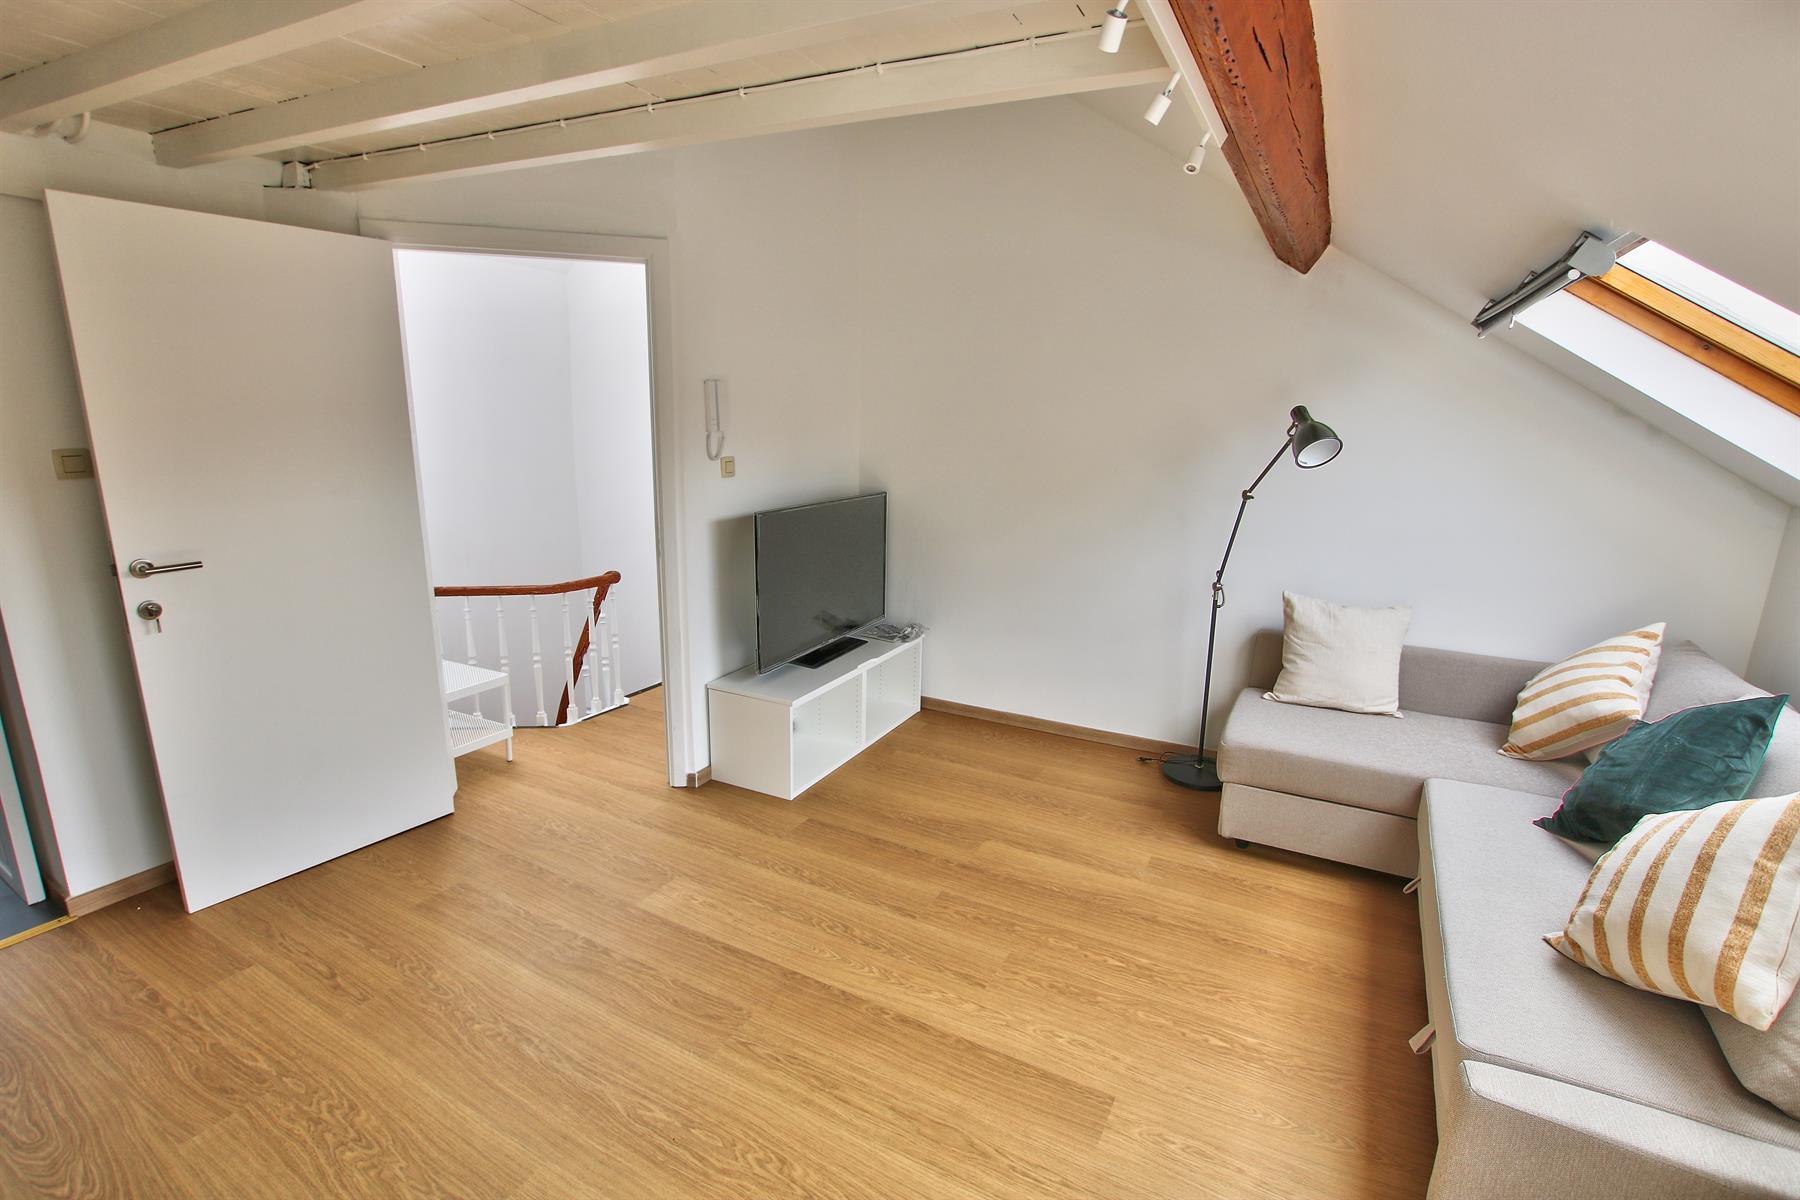 Appartement - Etterbeek - #4183568-2